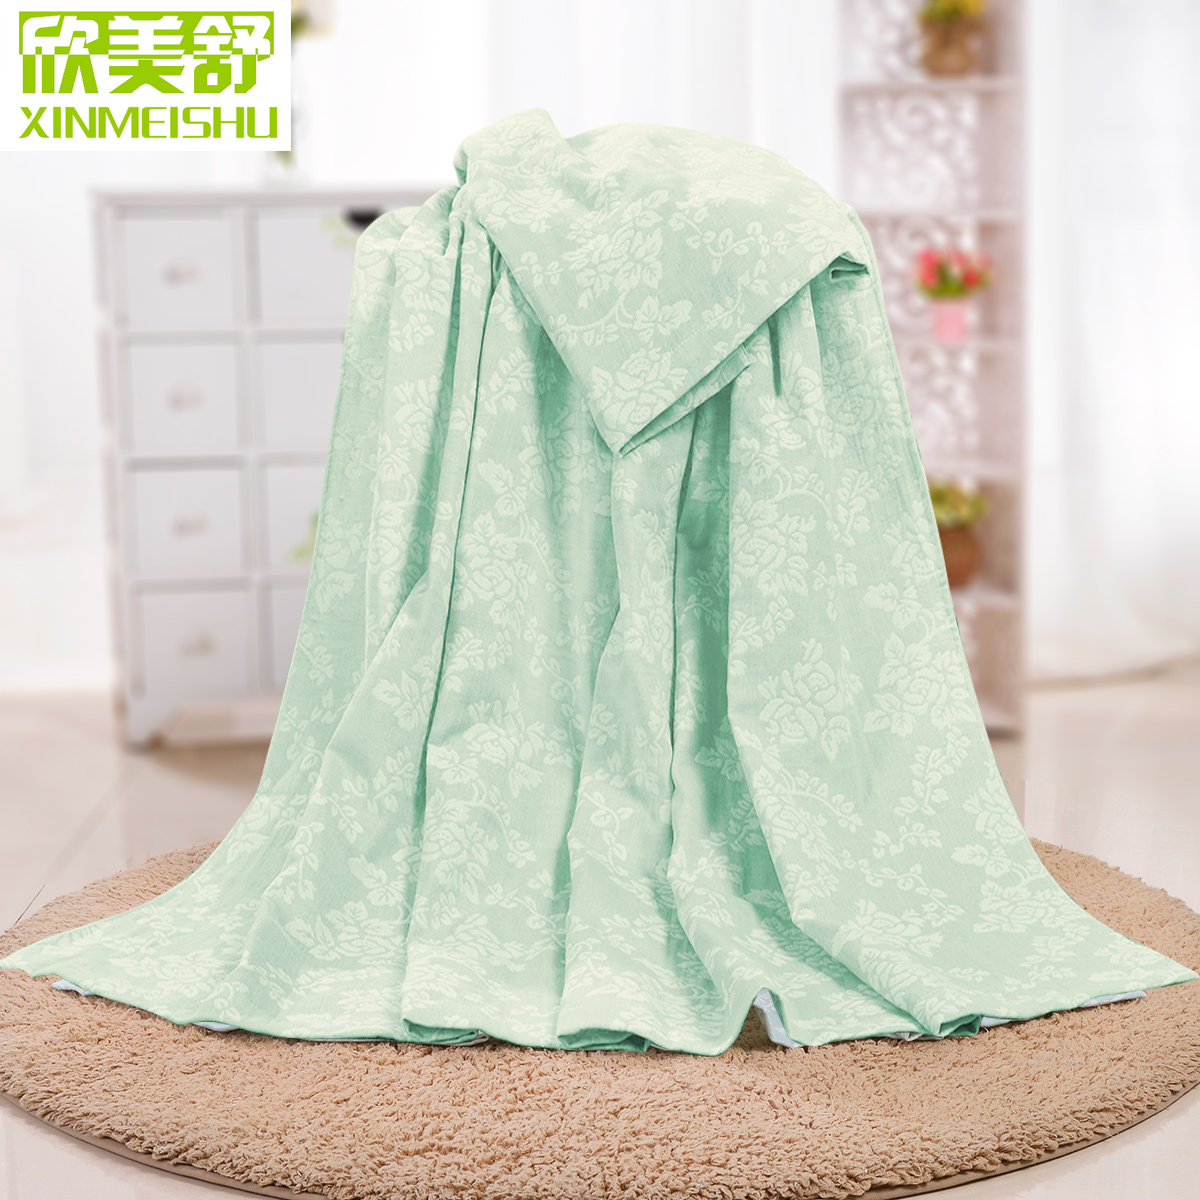 欣美舒毛巾被 純棉加厚空調毯毛巾毯子蓋毯紗布床單單人雙人